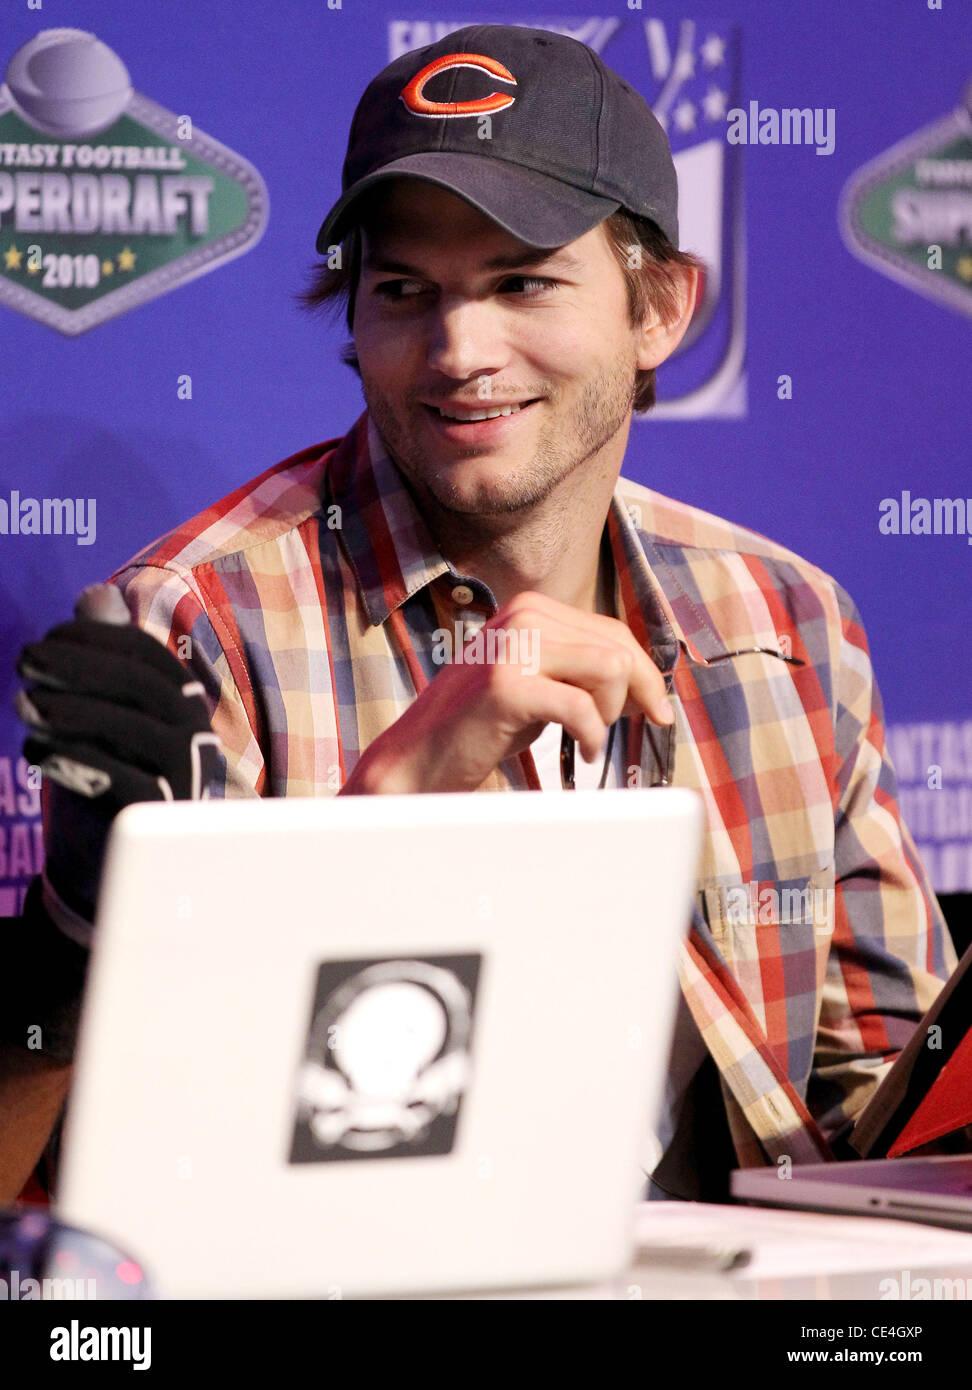 Ashton kutcher casino wyndham casino resort